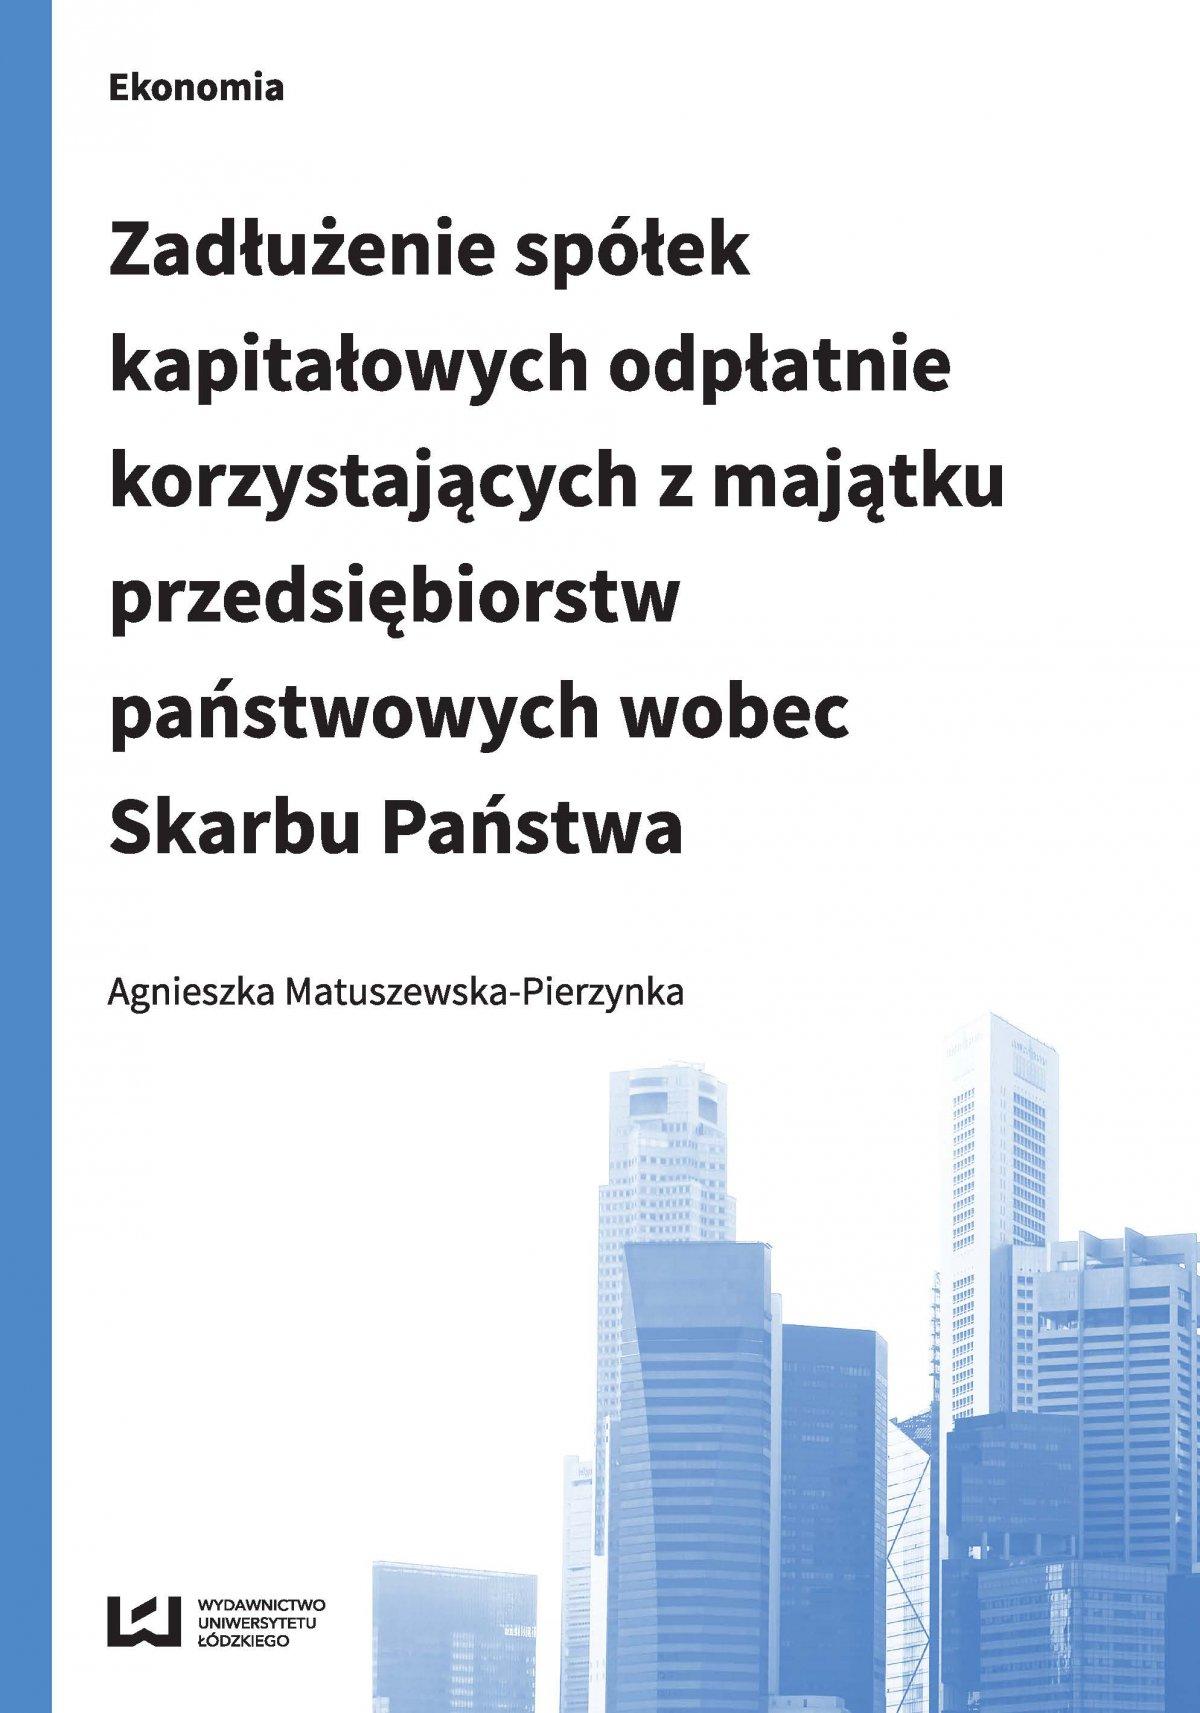 Zadłużenie spółek kapitałowych odpłatnie korzystających z majątku przedsiębiorstw państwowych wobec Skarbu Państwa - Ebook (Książka PDF) do pobrania w formacie PDF